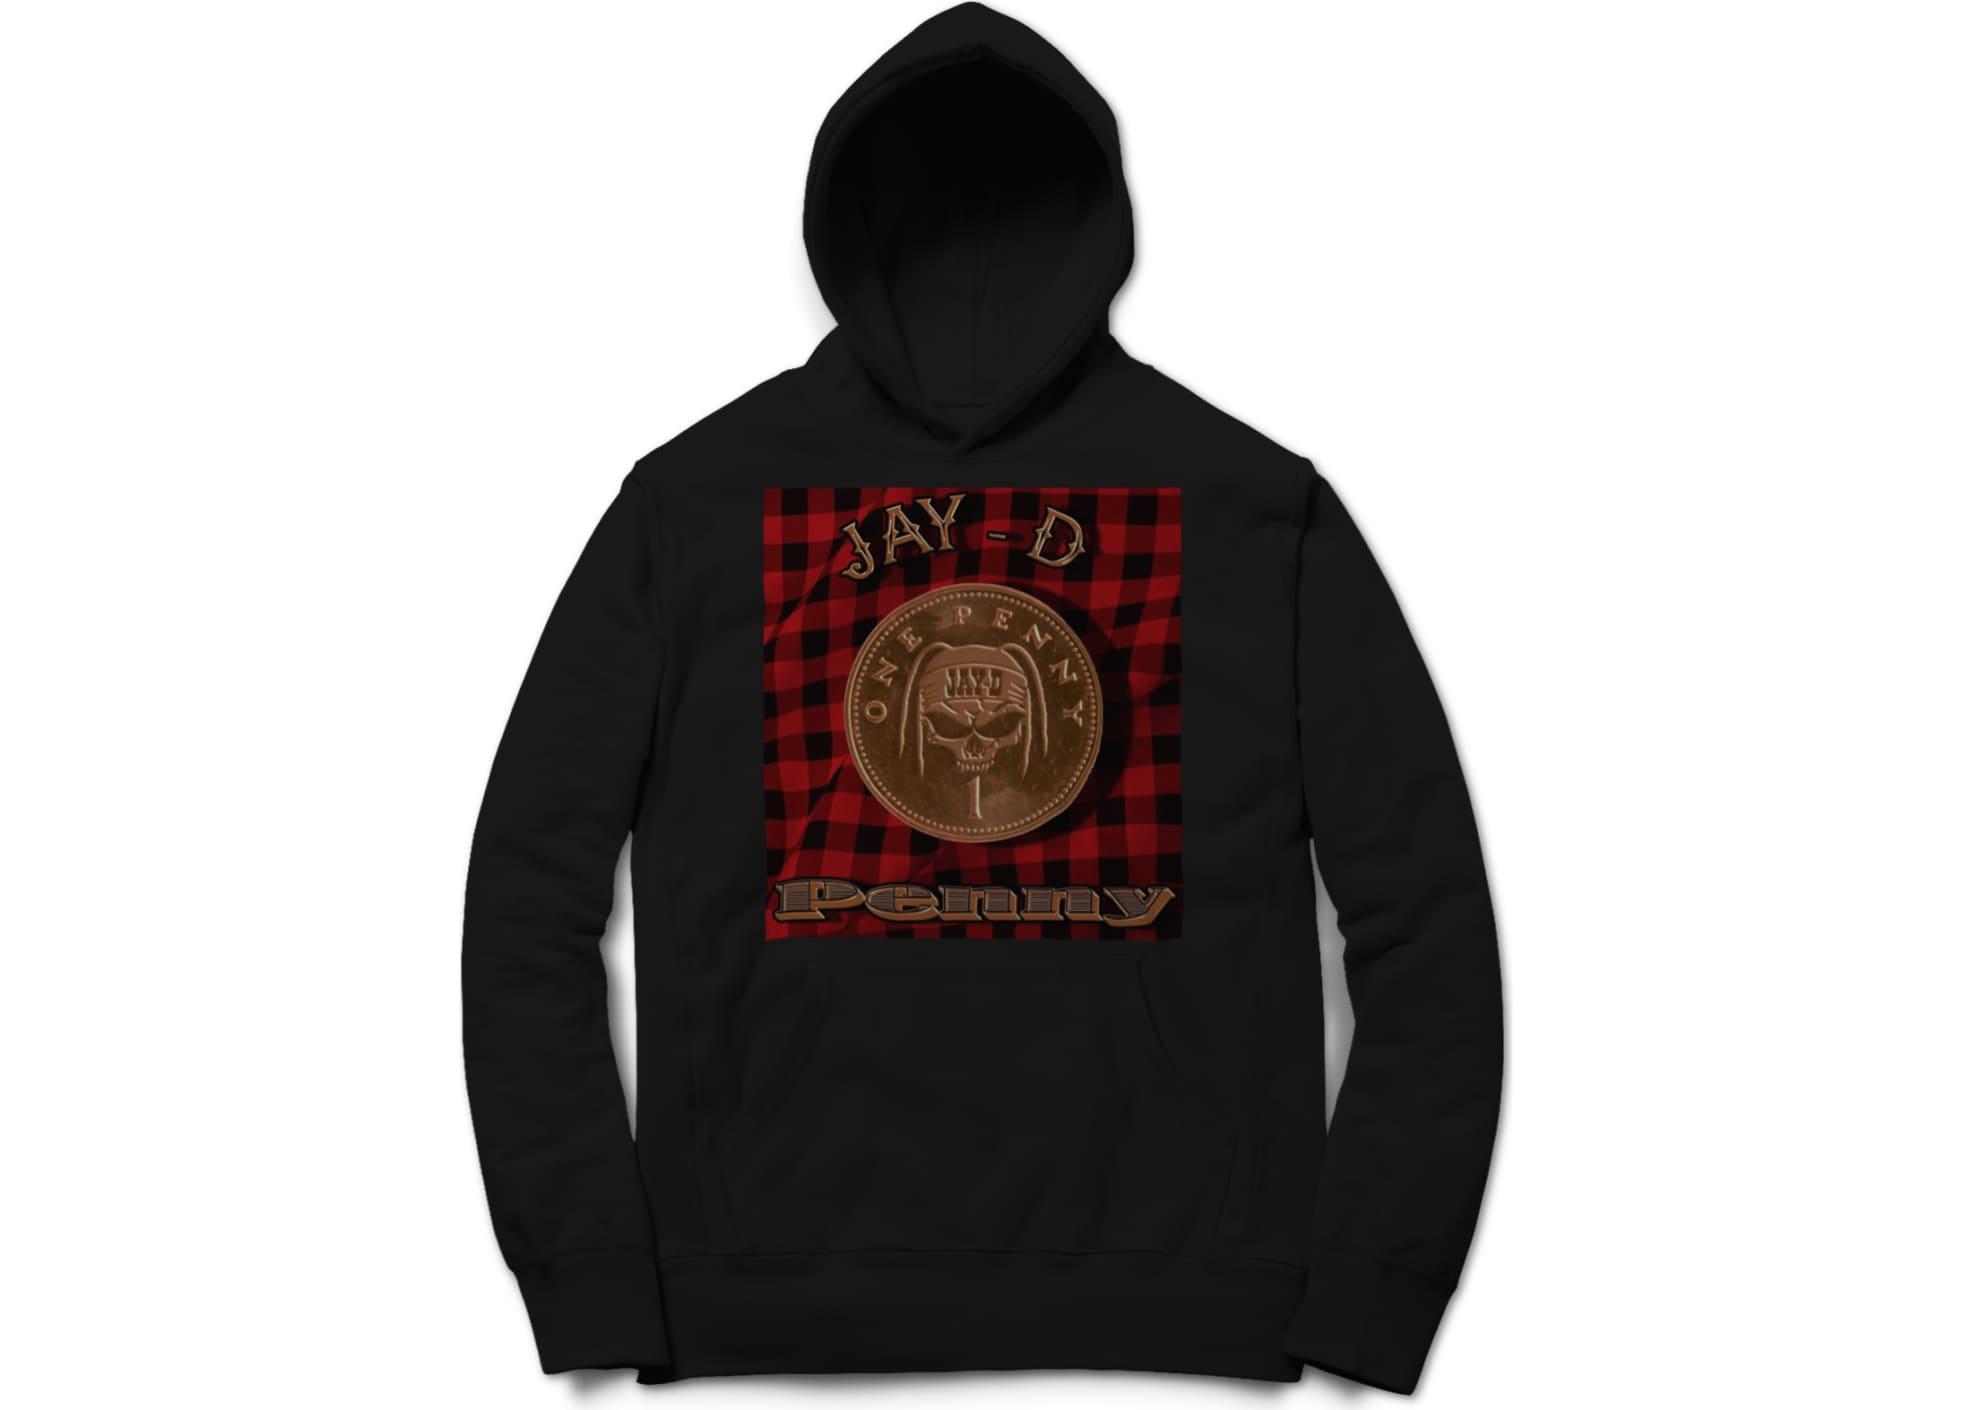 Jay d penny  1608241208